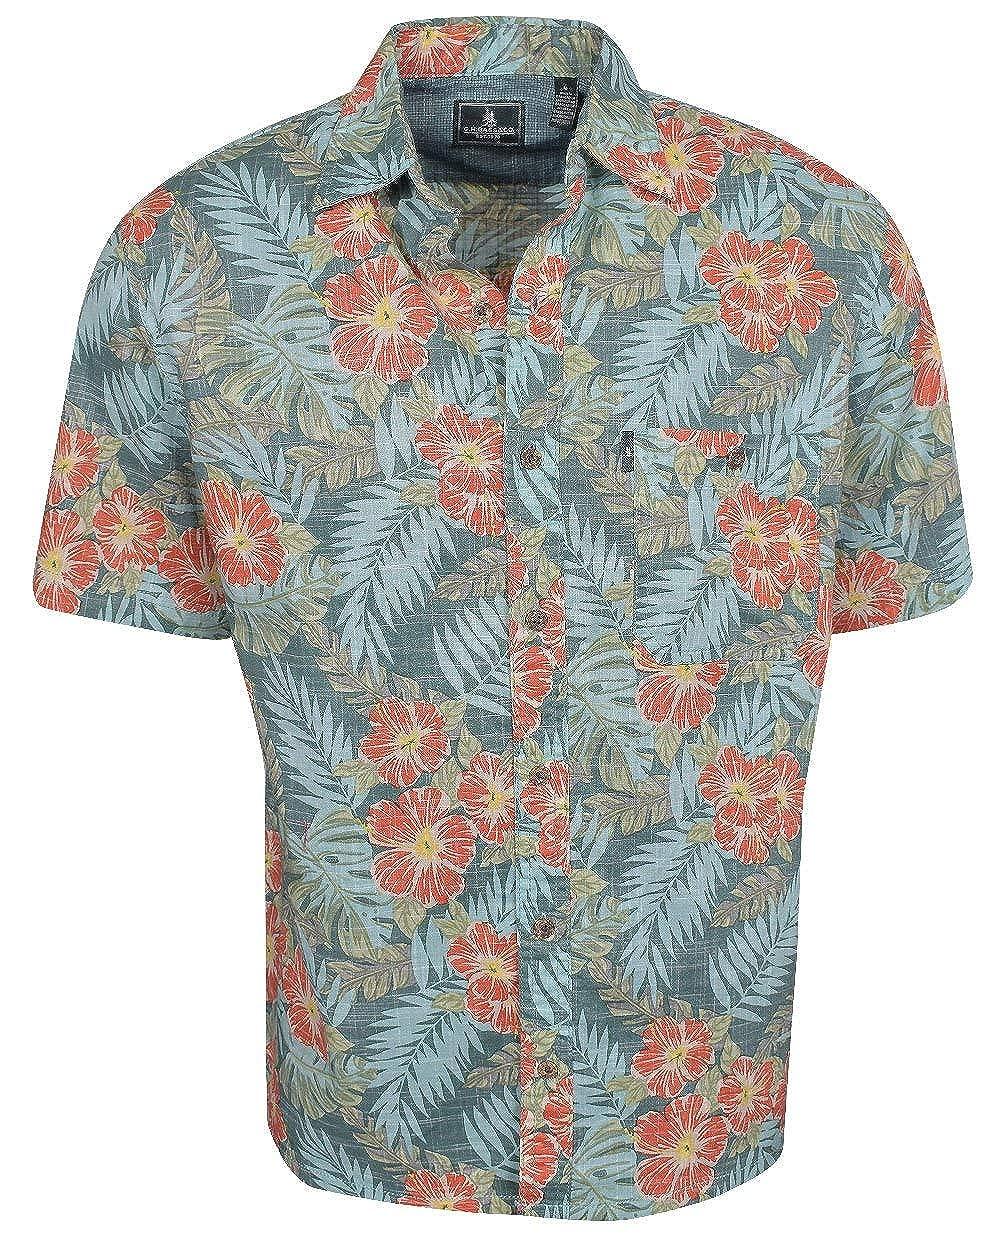 Bass /& Co... G.H Salt Cove Shirt